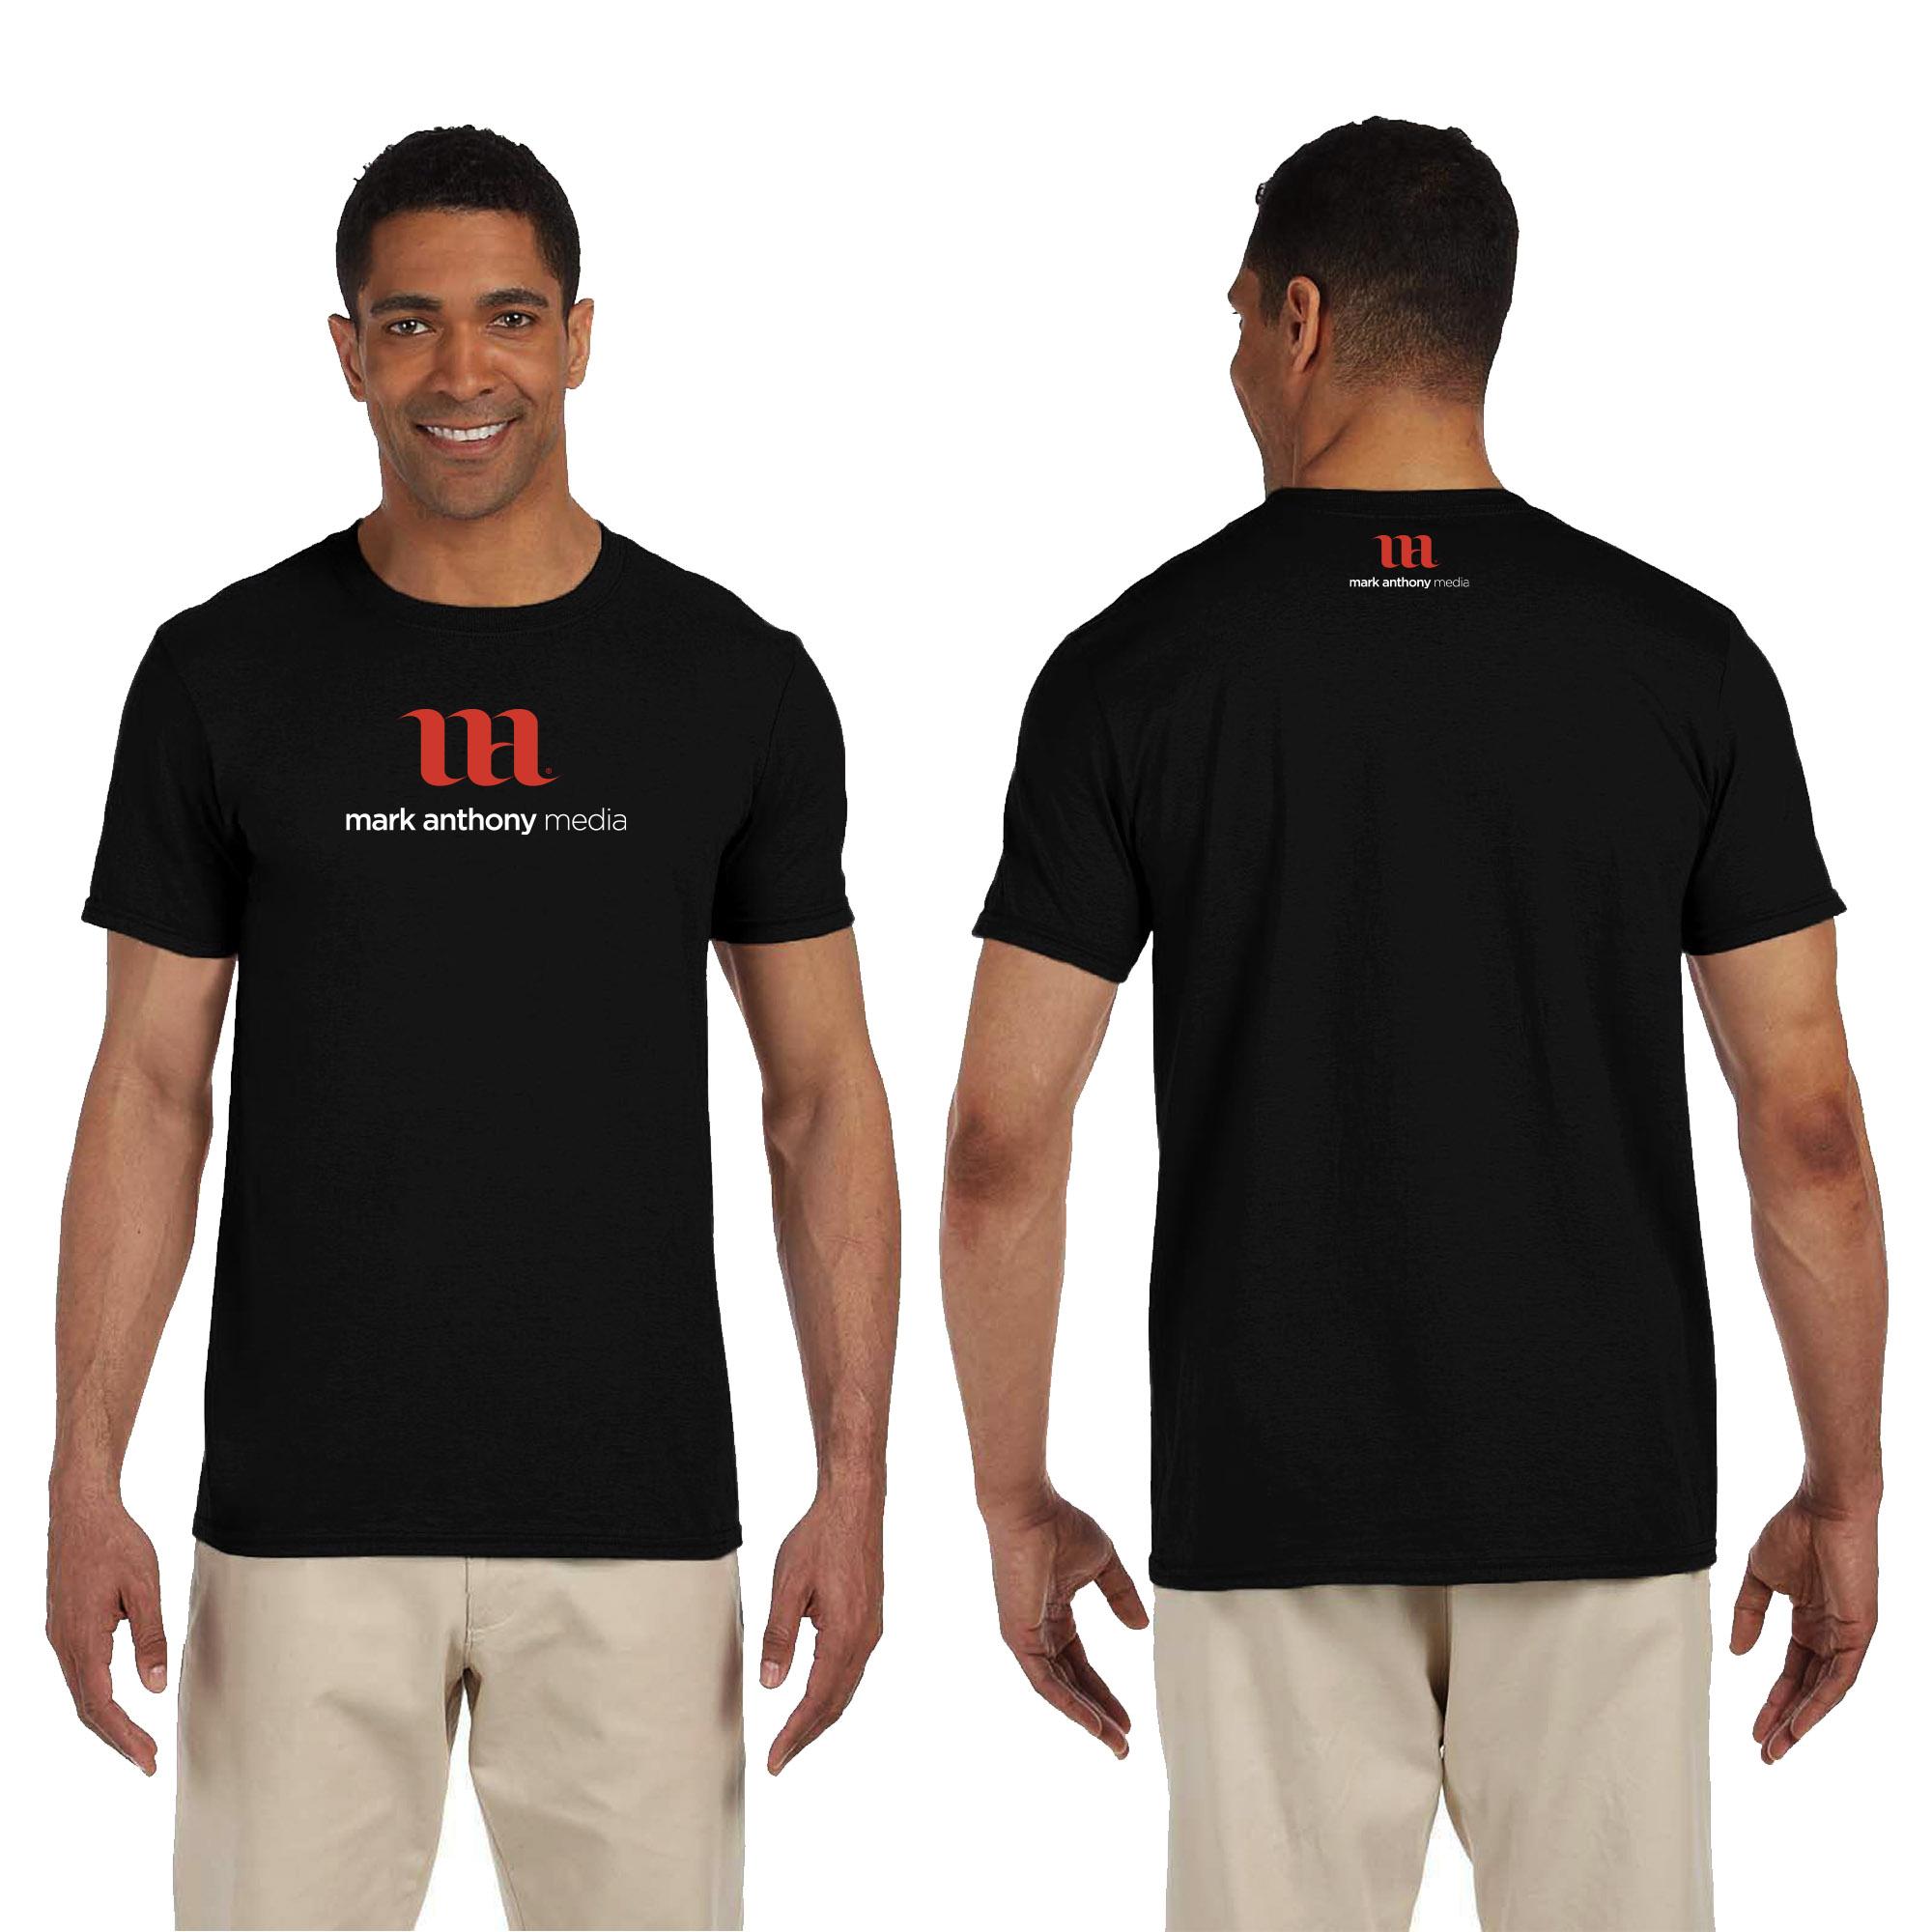 Mark Anthony Media - Adult T-Shirts